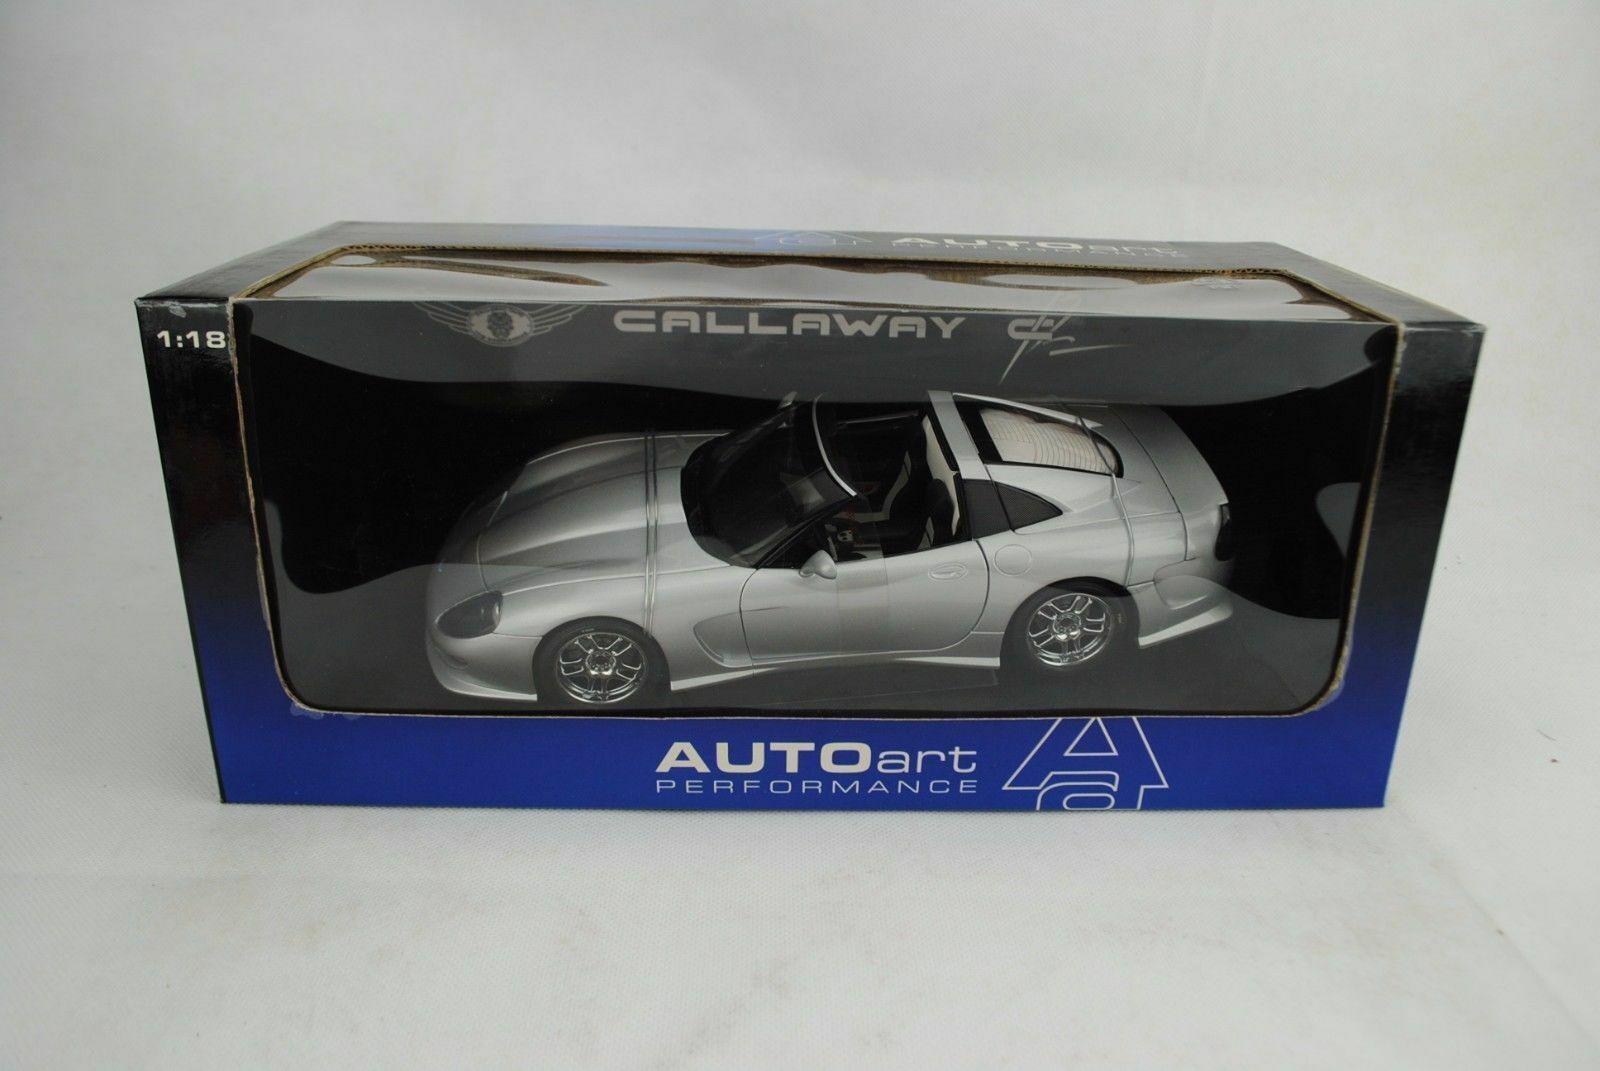 respuestas rápidas 1 18 Autoart  71011 71011 71011 Callaway C12 Plata  la mejor oferta de tienda online